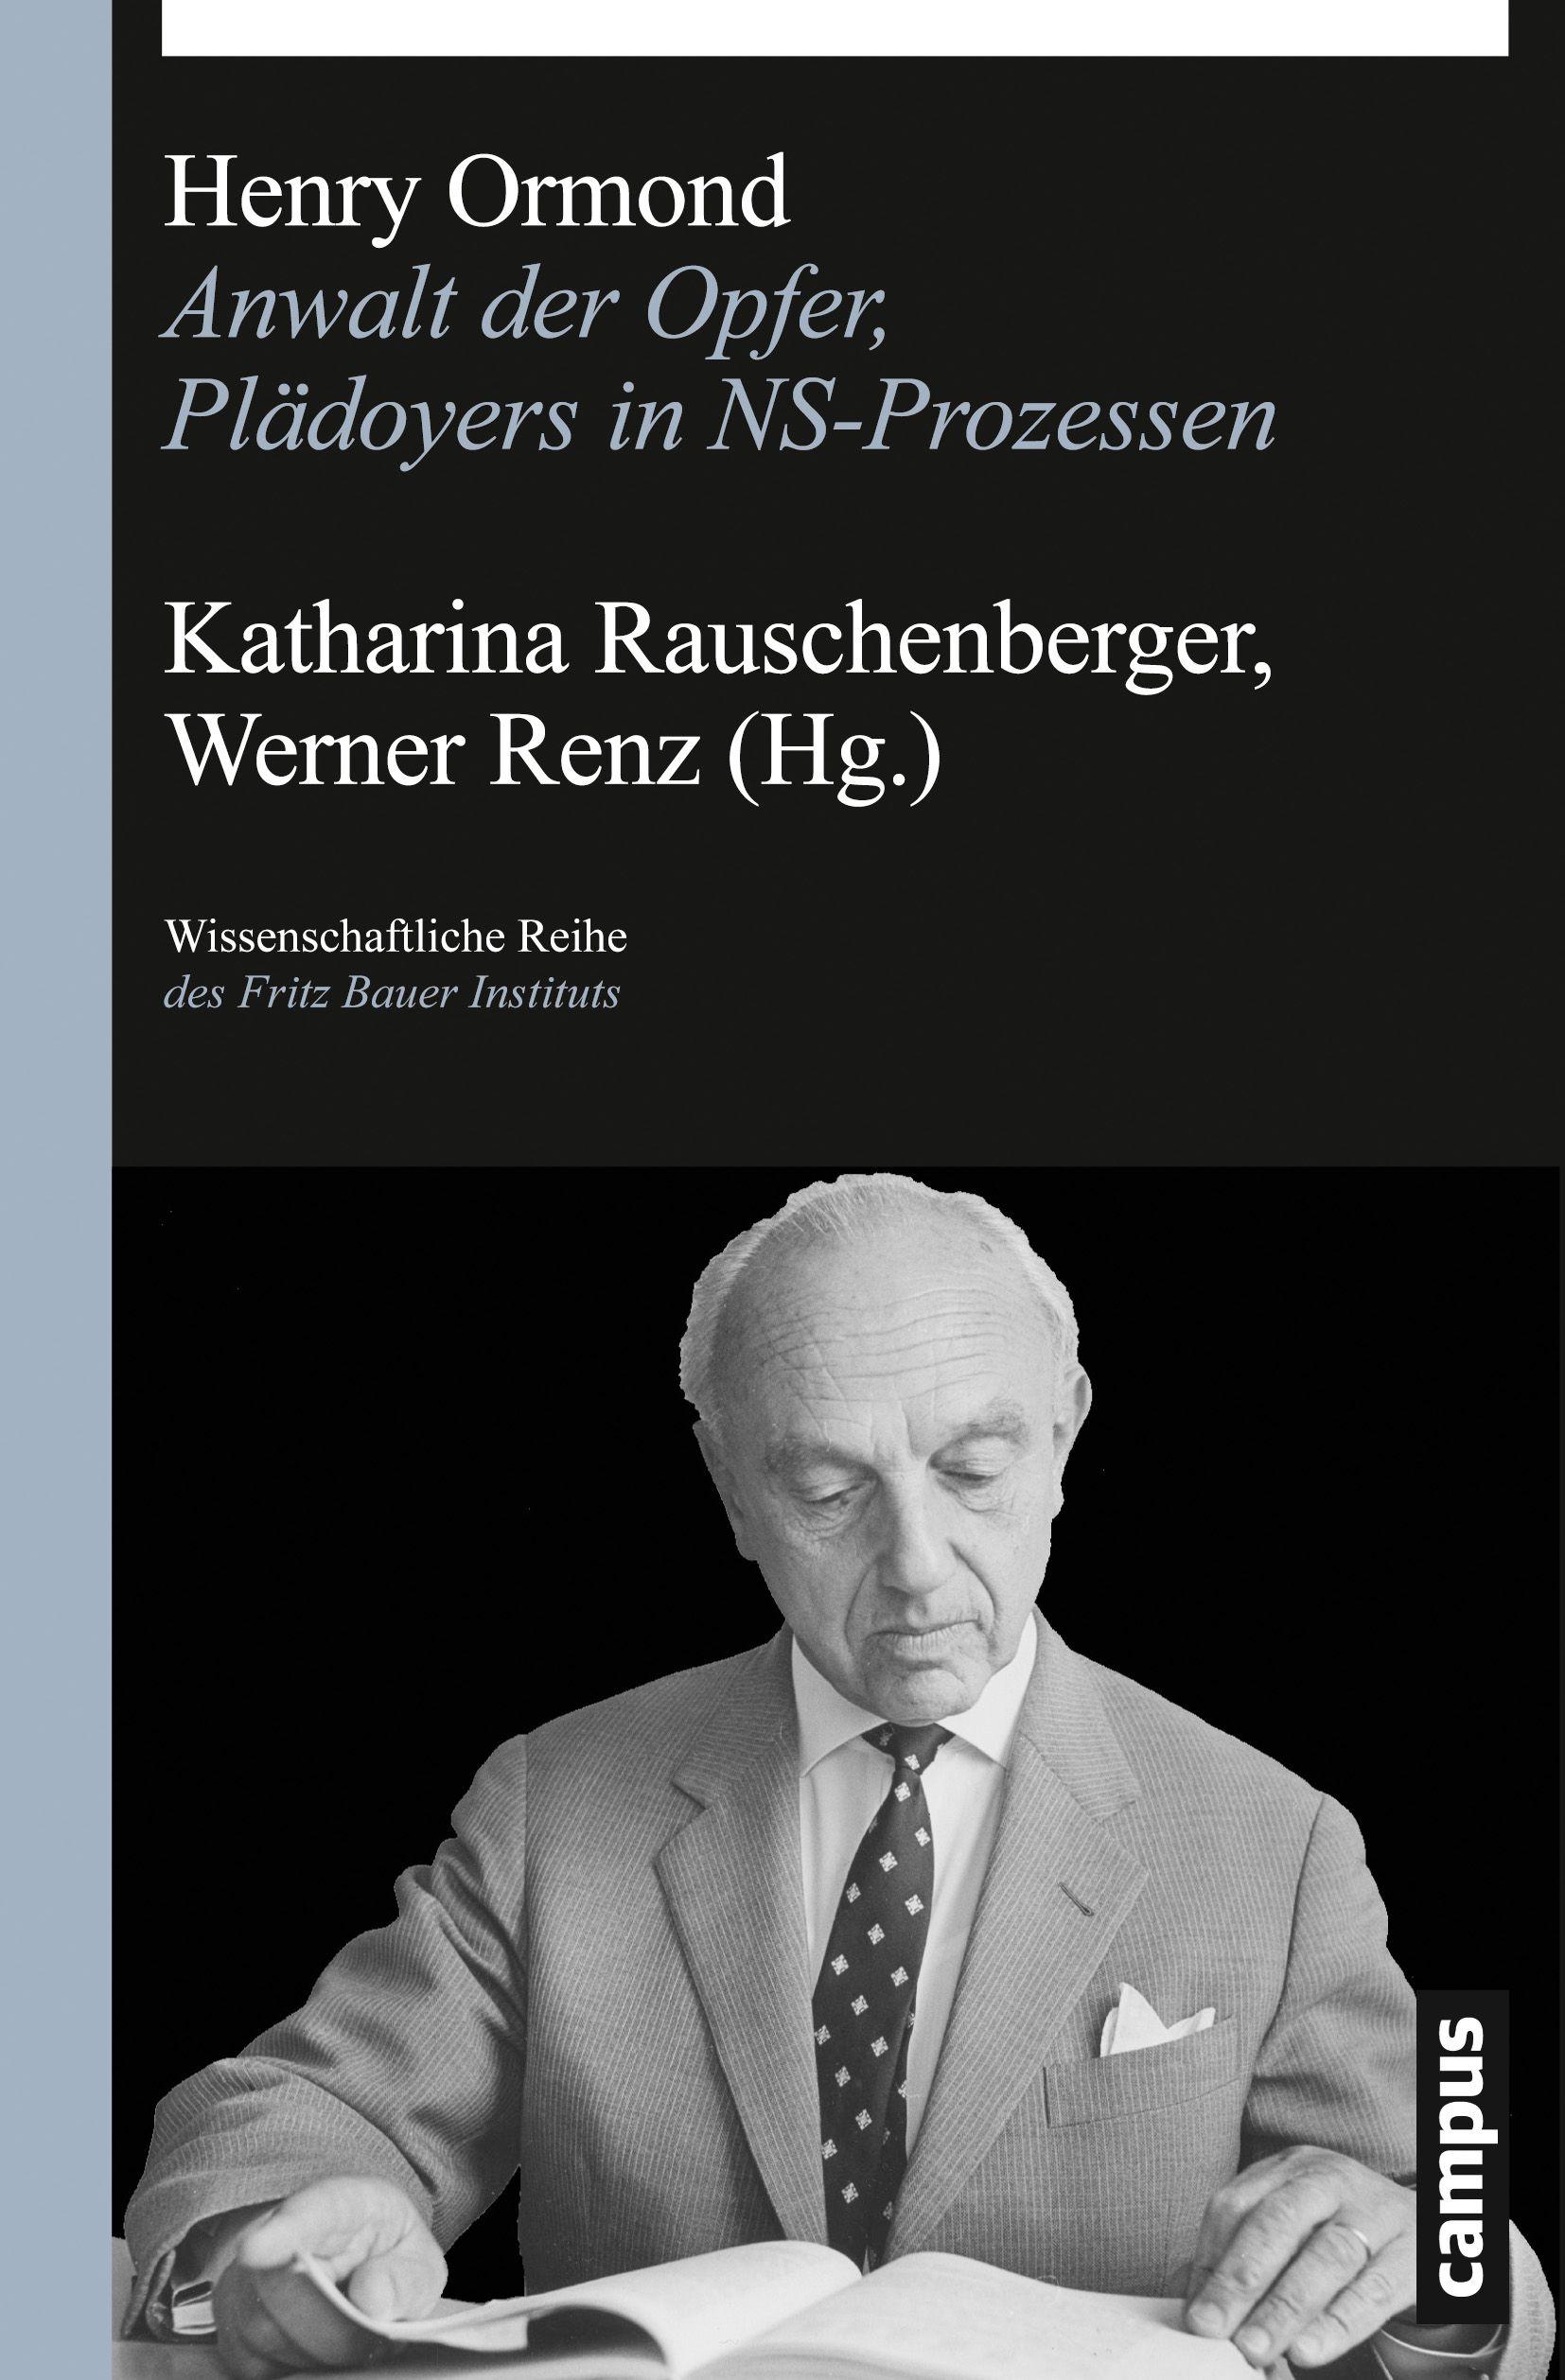 Katharina Rauschenberger (Hg.), Werner Renz (Hg.): Henry Ormond Anwalt der Opfer, Plädoyers in NS-Prozessen.